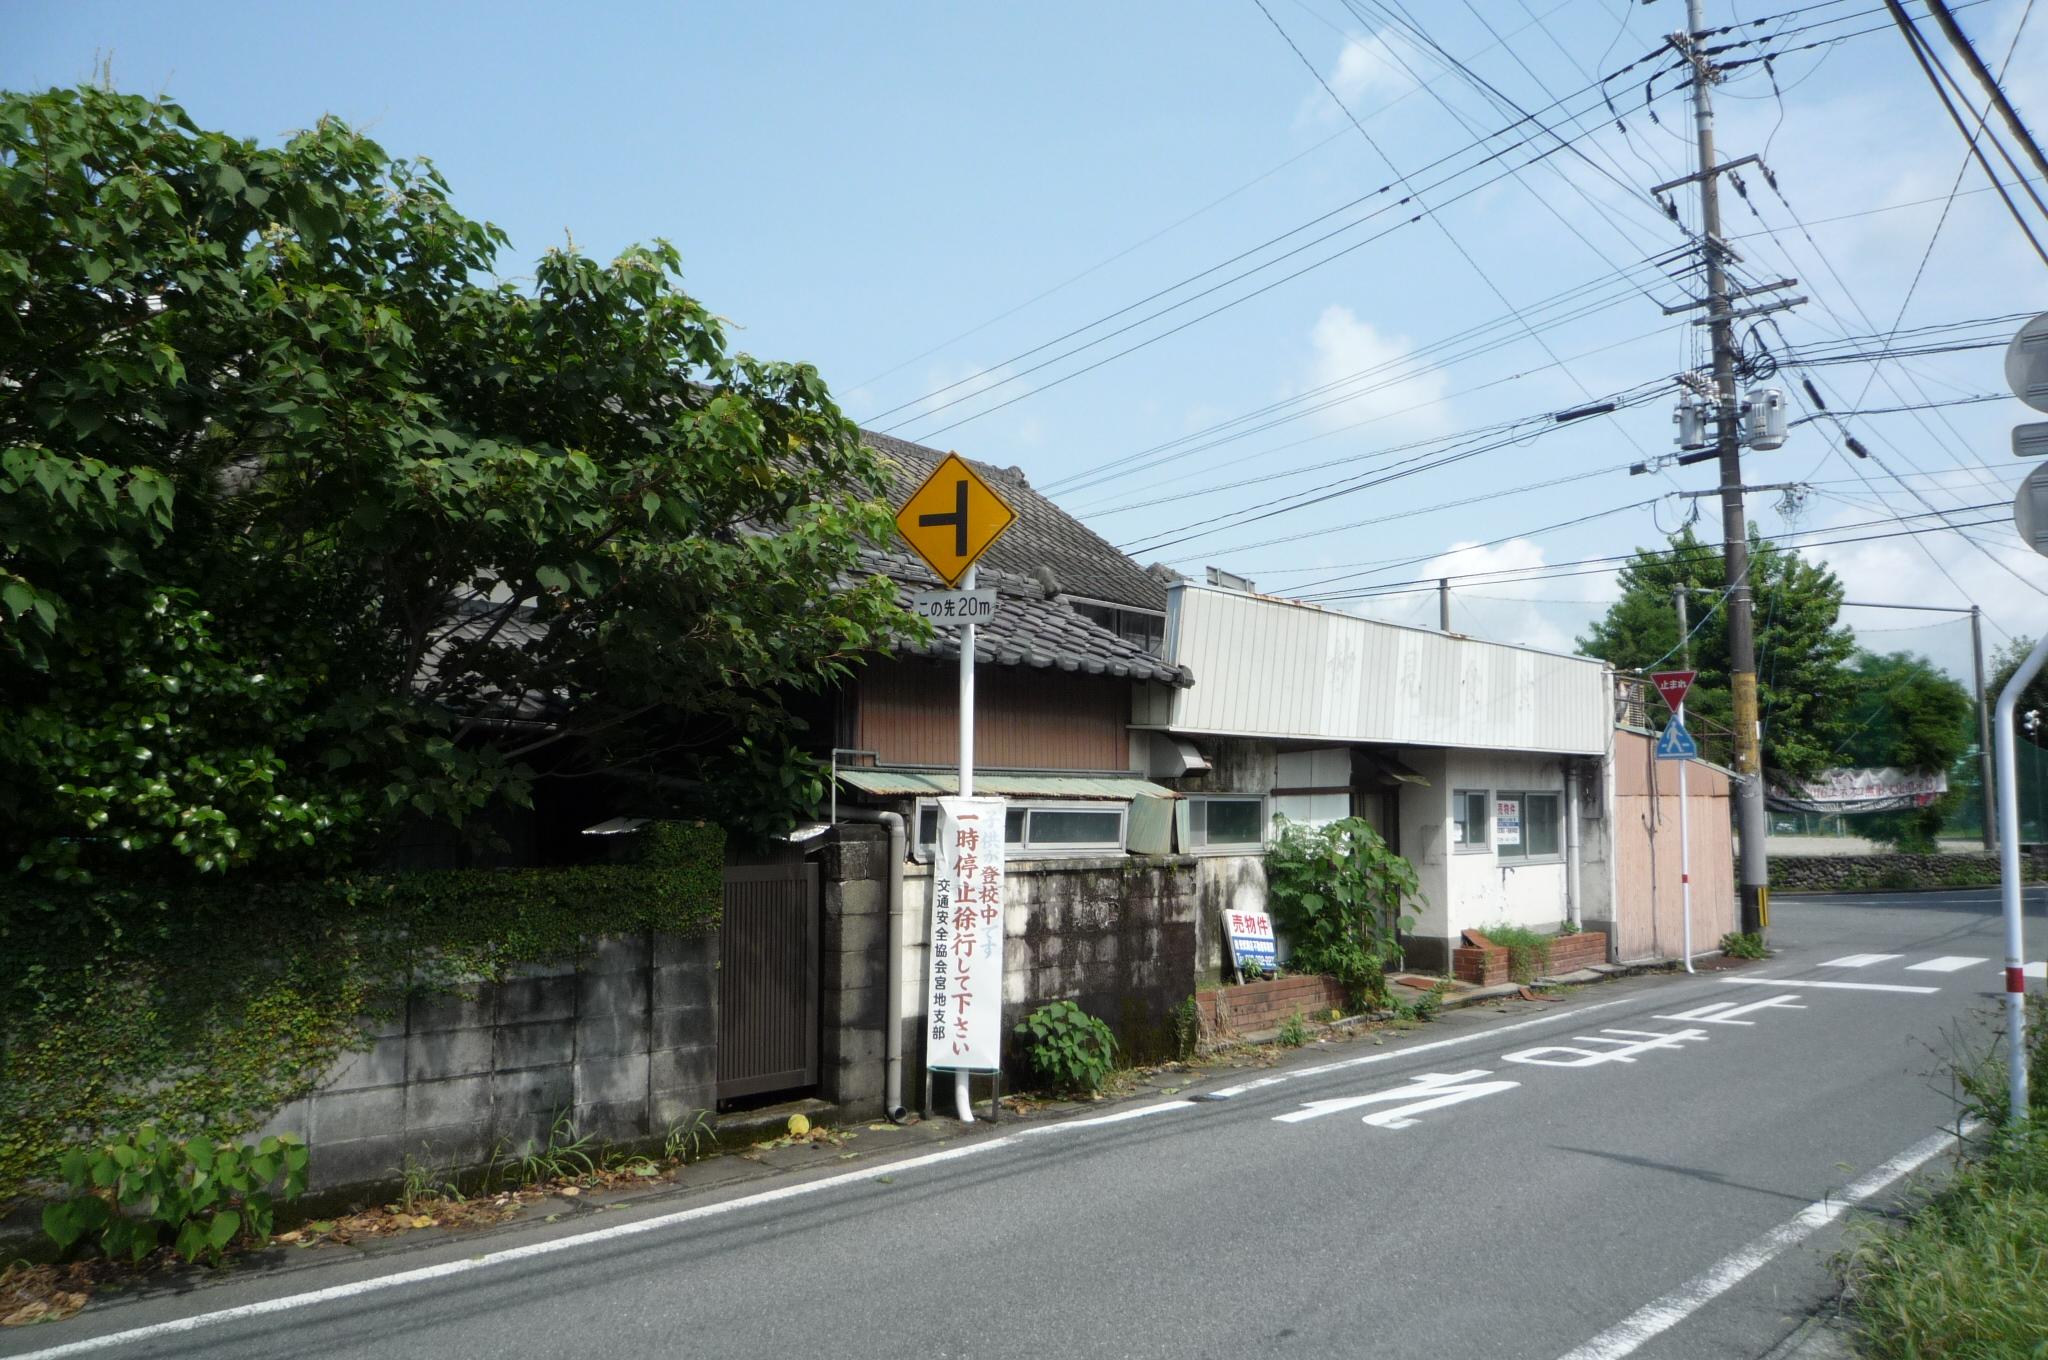 八代 市 宮地 町 熊本県八代市の暴行・暴力に関する治安情報|ガッコム安全ナビ